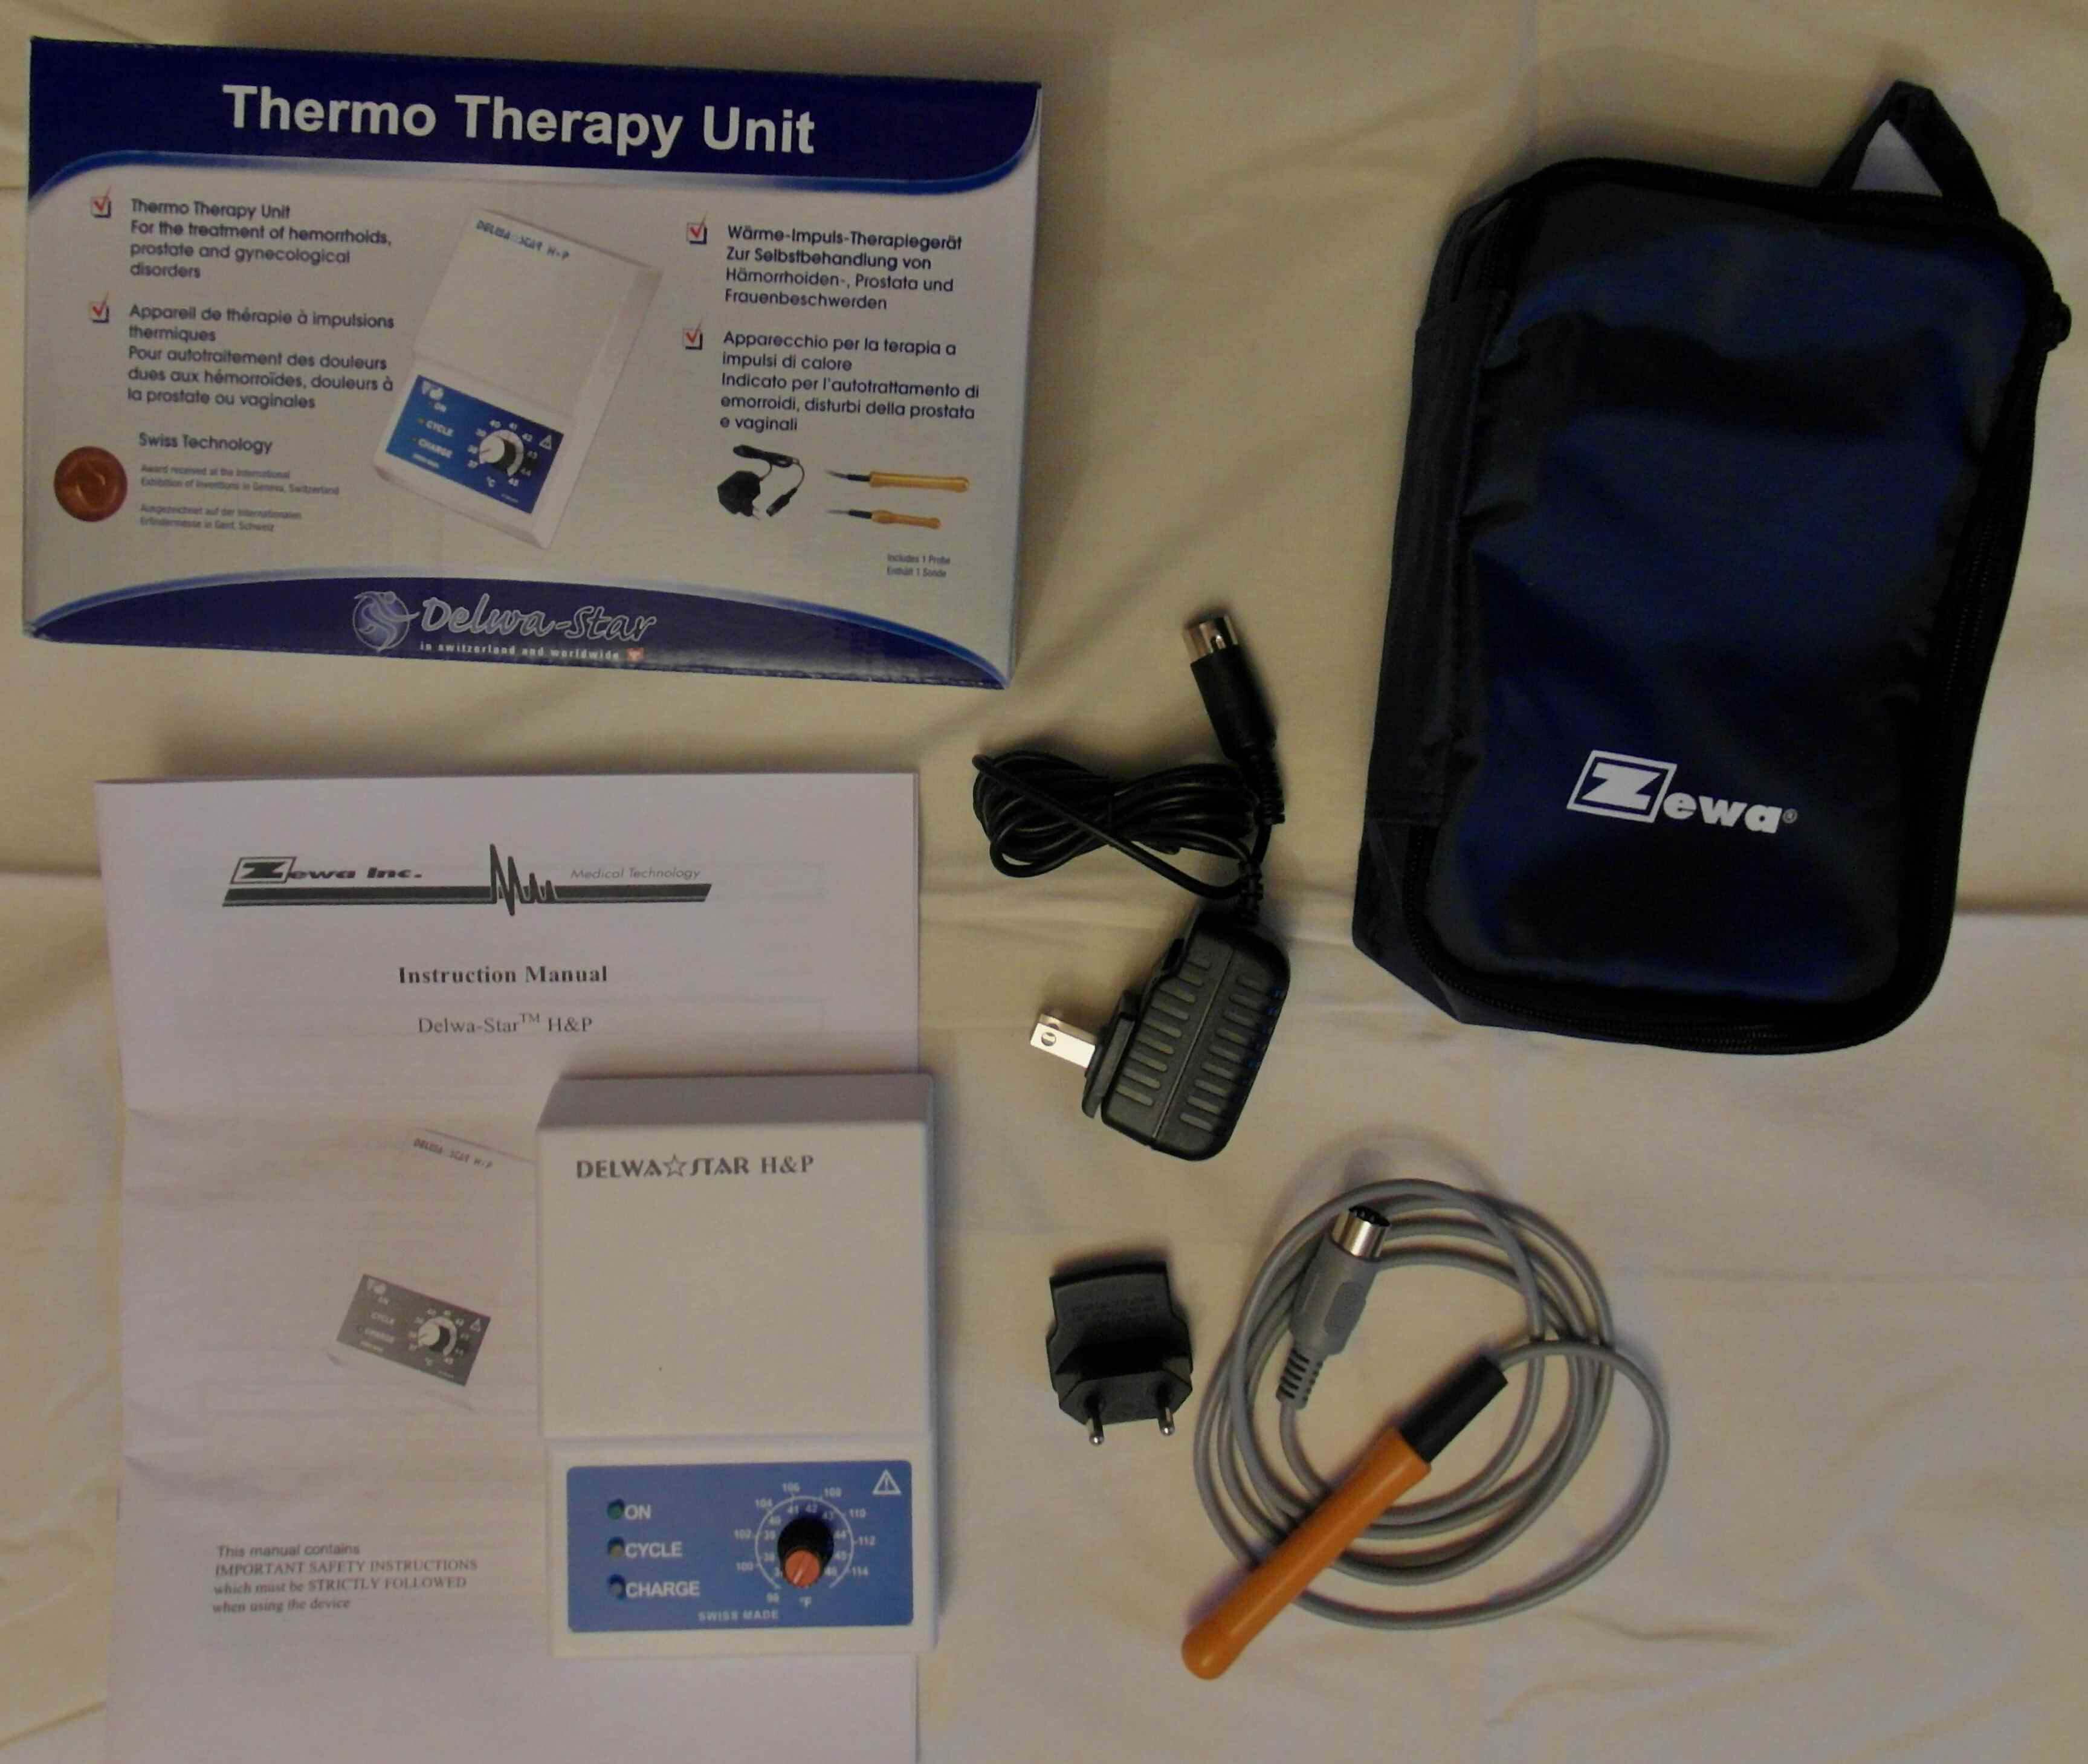 аппарат для лечения аденомы в домашних условиях